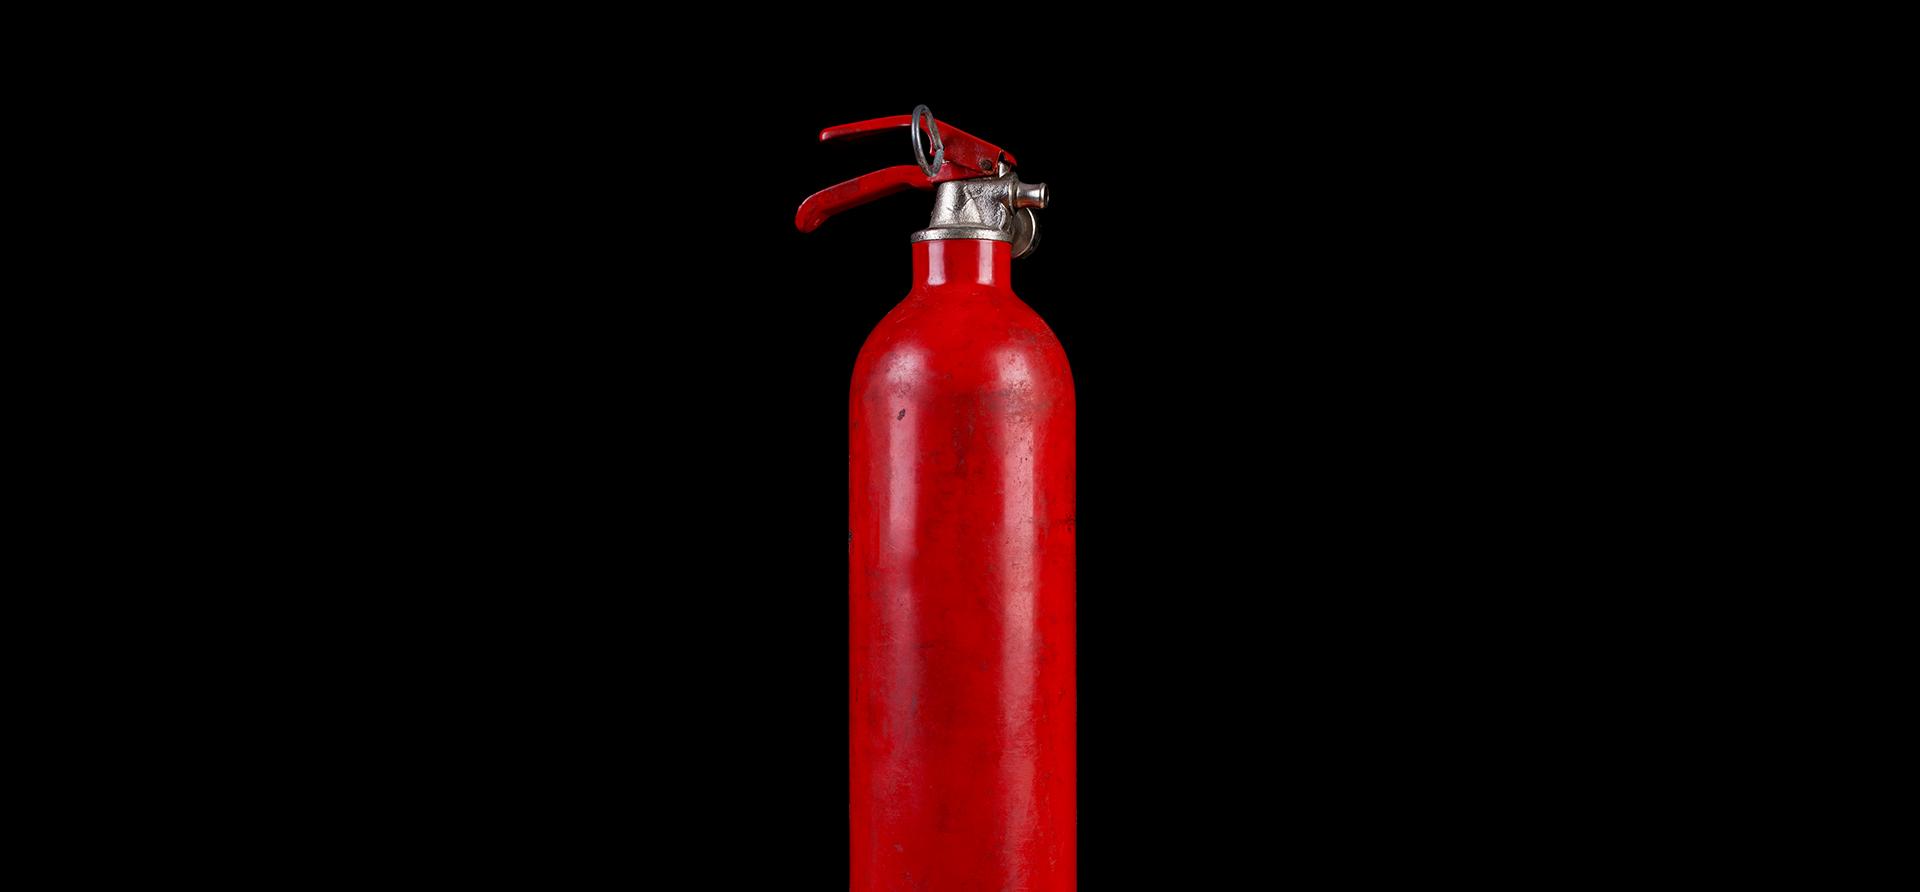 Assessoria i consultoria en prevenció d'incendis